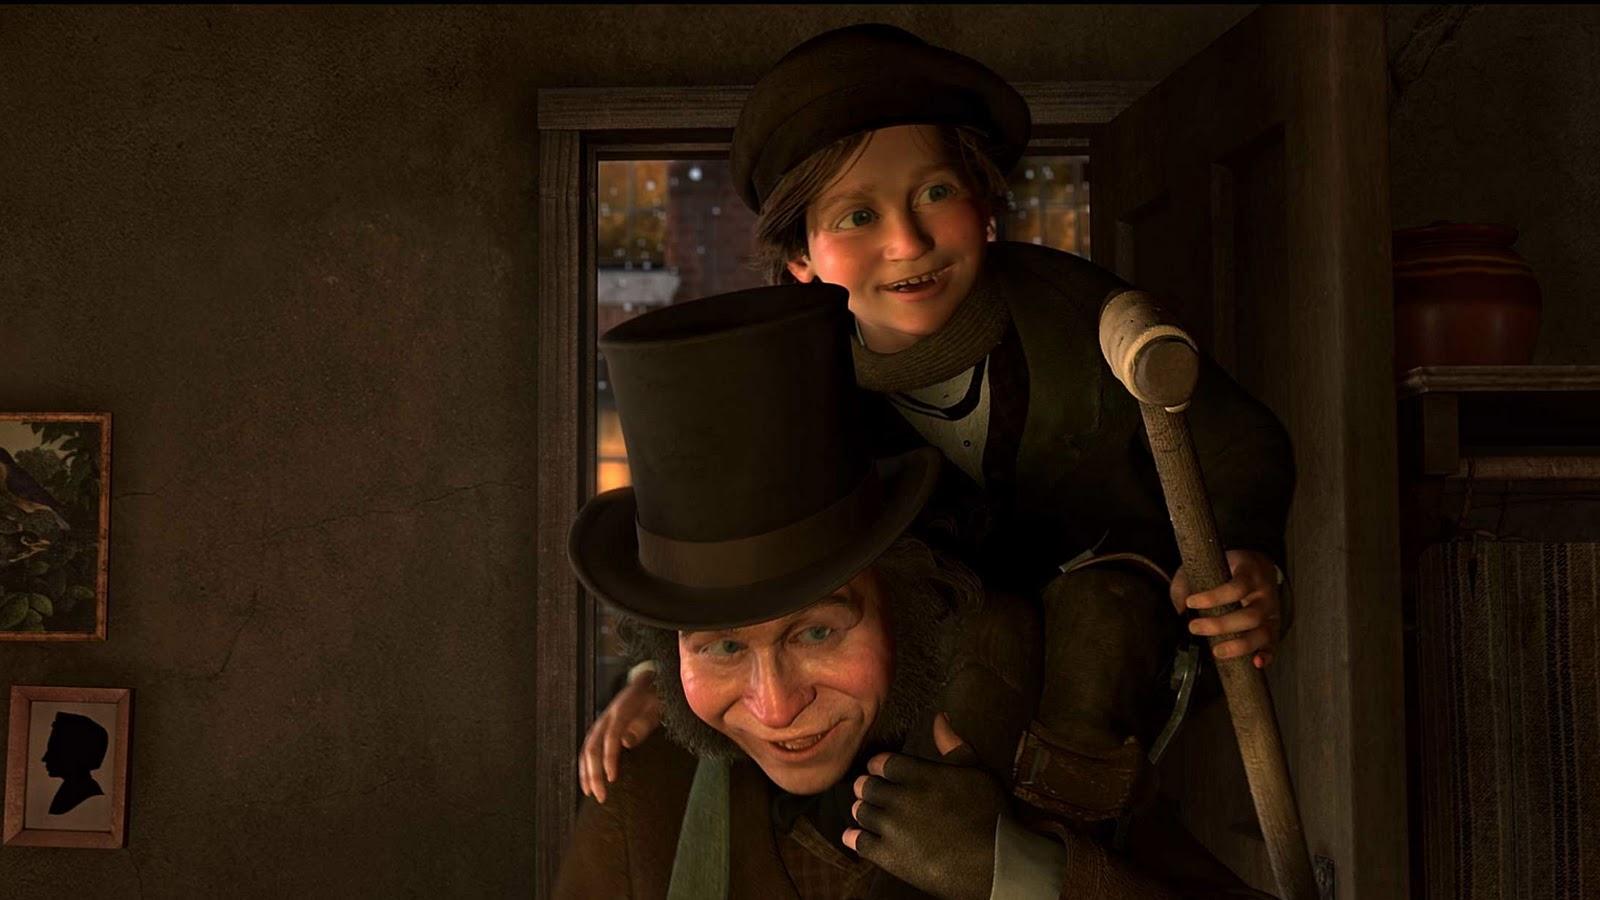 http://1.bp.blogspot.com/-v3l1ioc6WBI/T2k_gl7EROI/AAAAAAAACUo/lJDqLHjQqd8/s1600/2009_a_christmas_carol_004.jpg